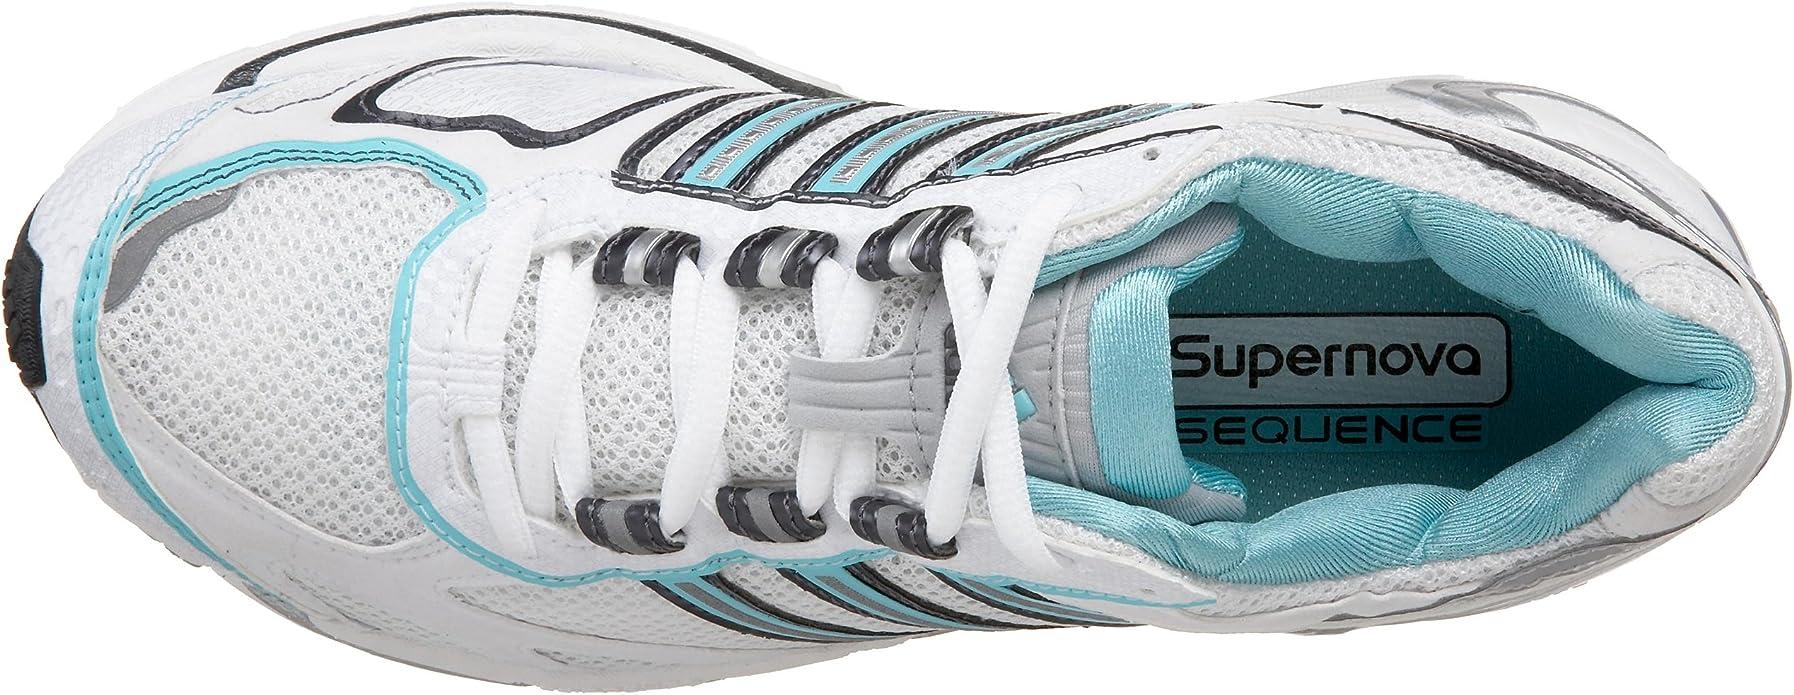 adidas Women's Supernova Sequence